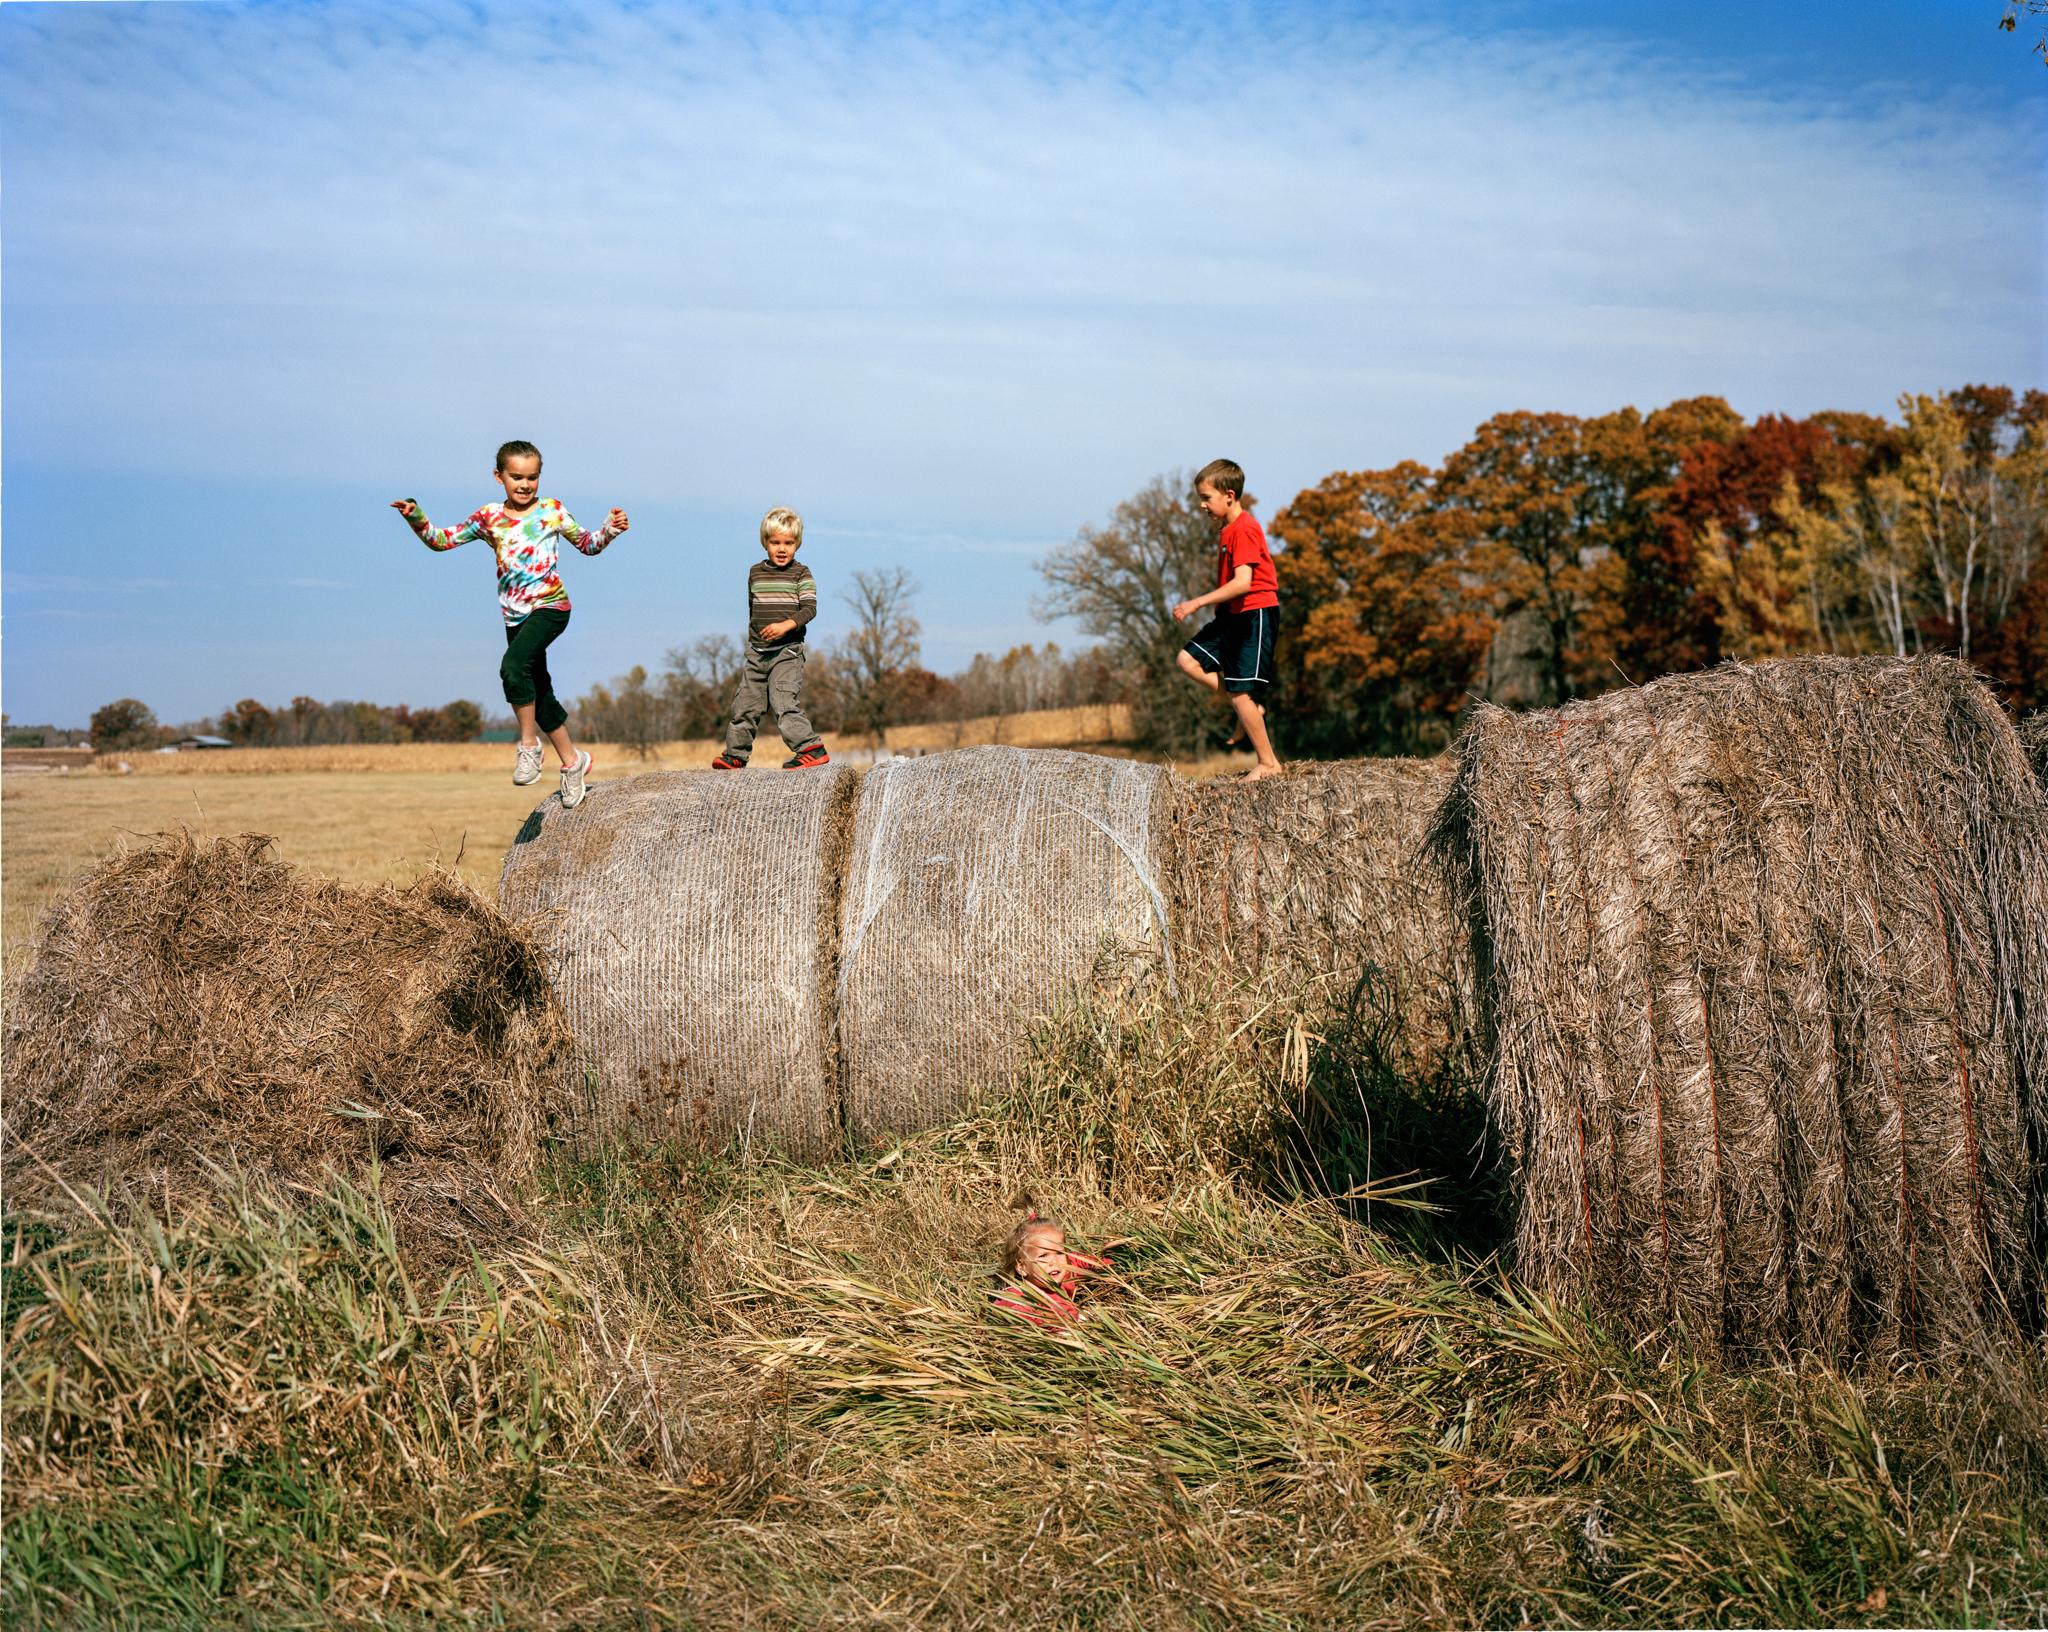 Children playing on large bales of hay in field (© Erika Larsen)